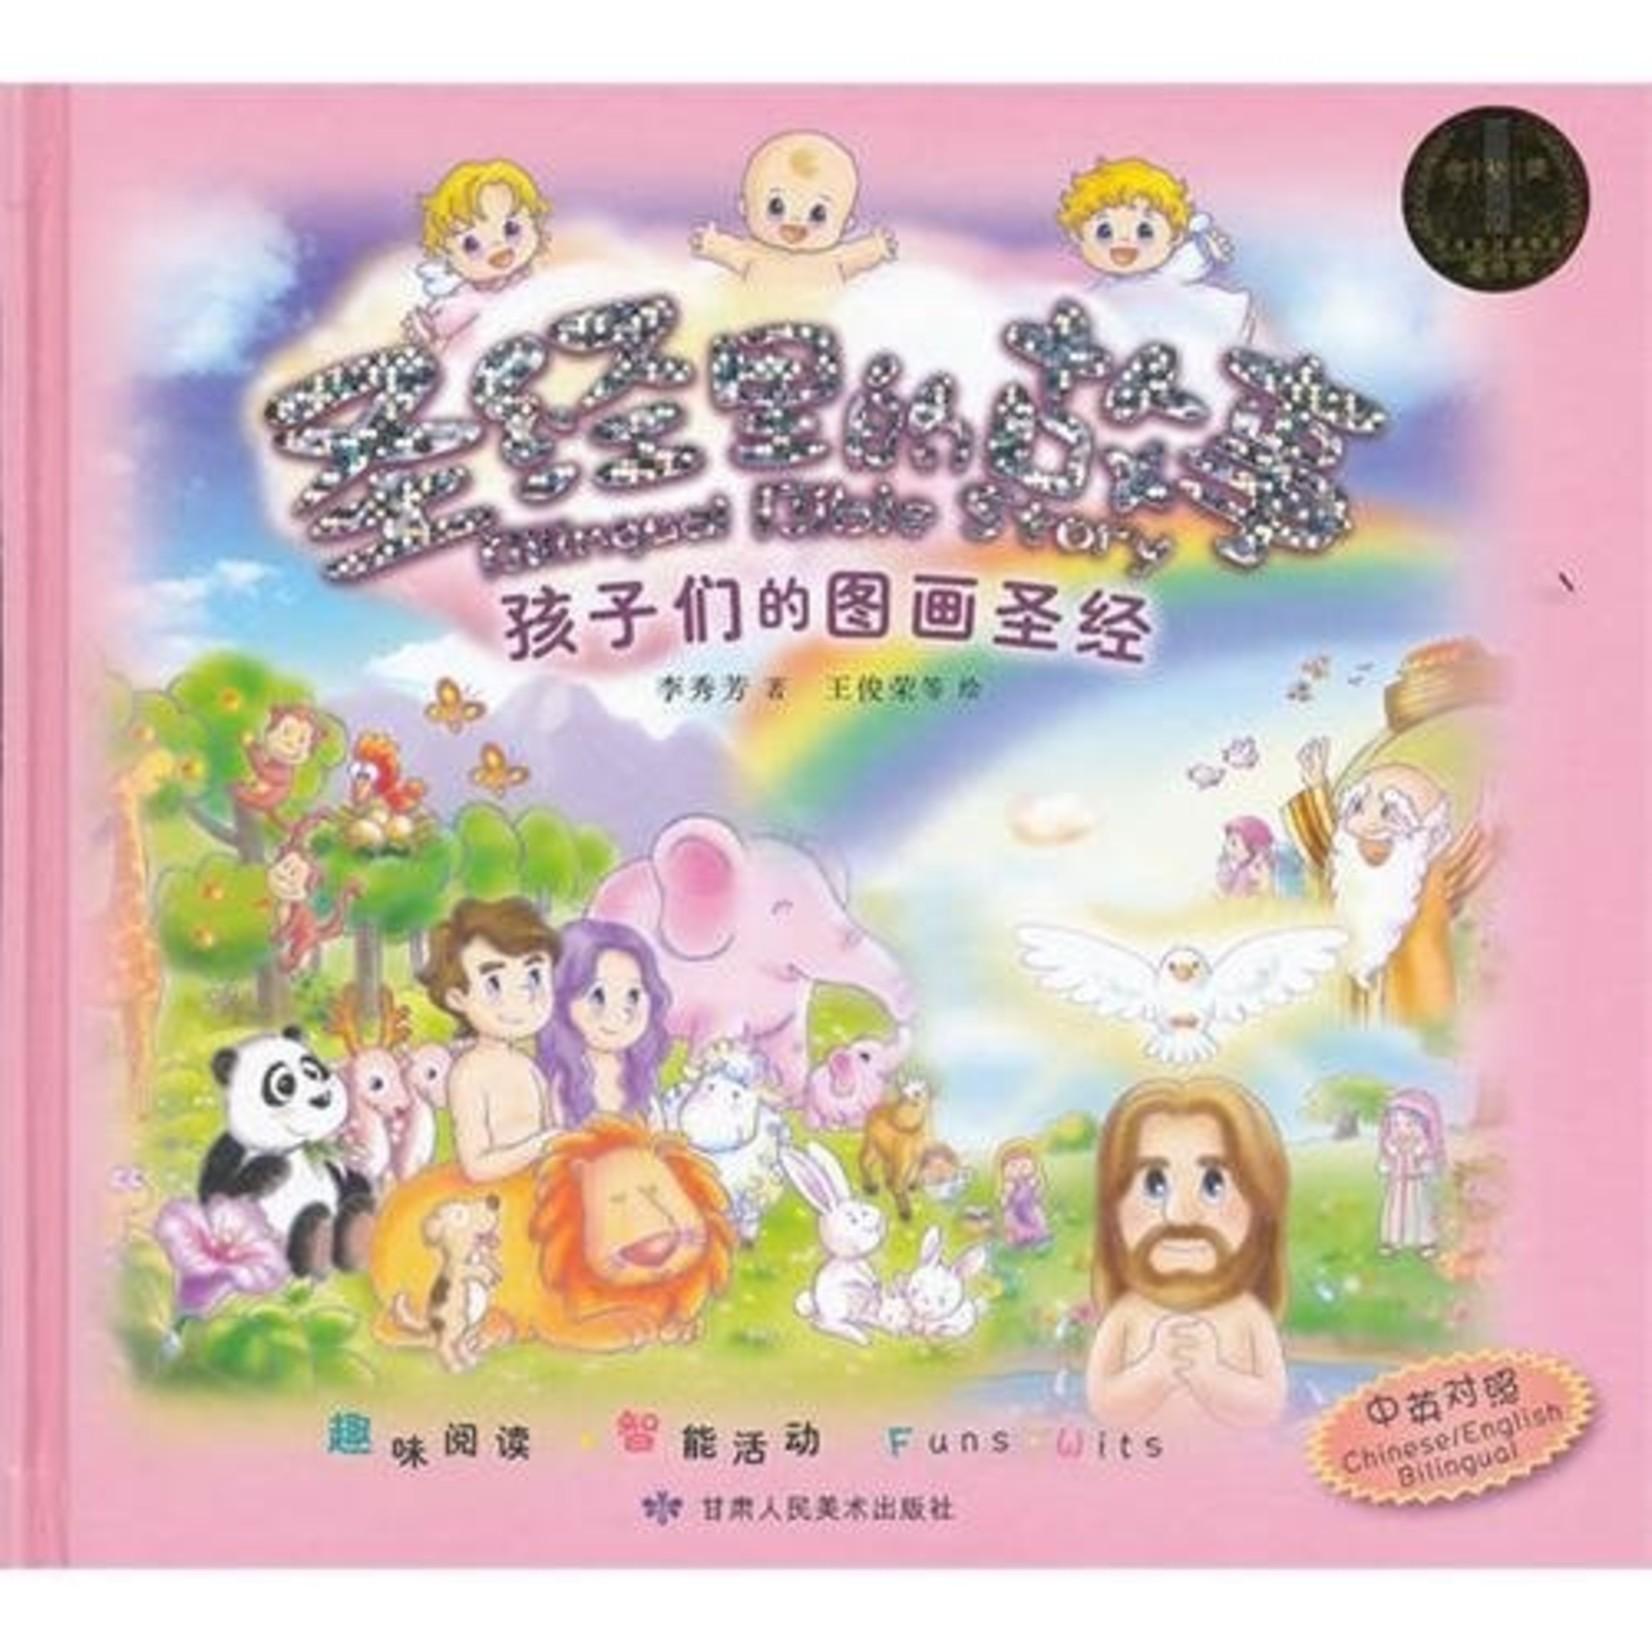 甘肅人民美術出版社 (CN) 圣经里的故事:孩子们的图画圣经(中英对照)(精装)